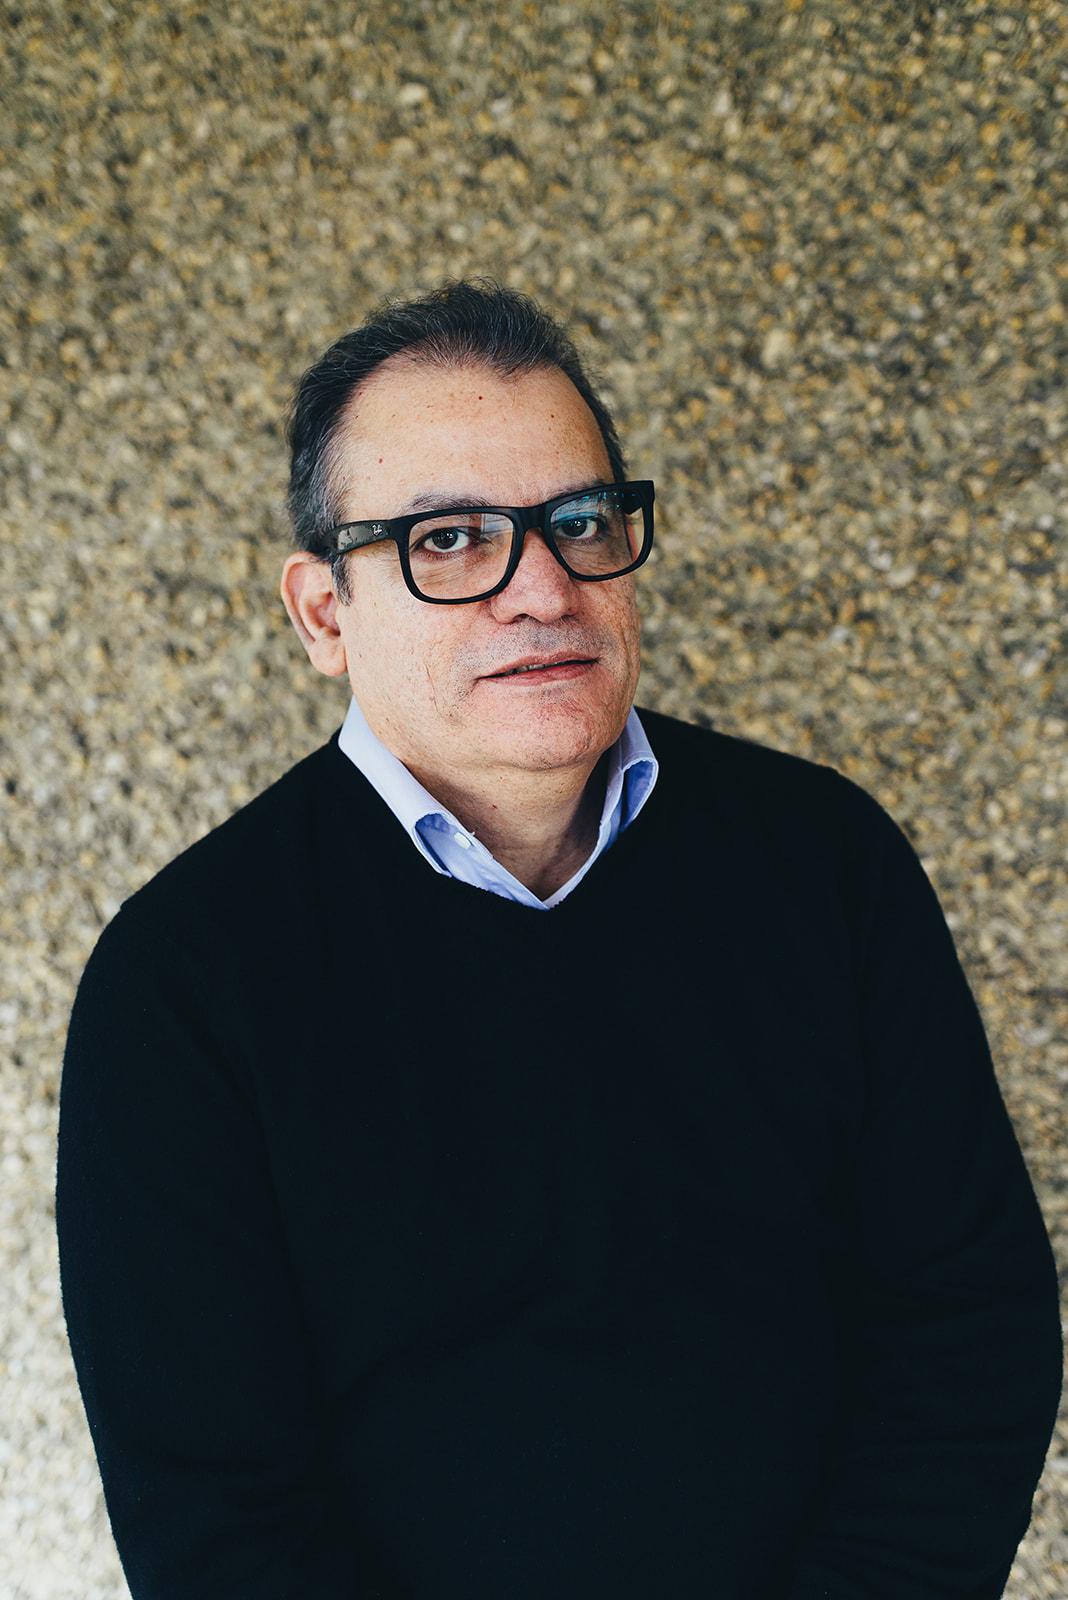 Felix Perello